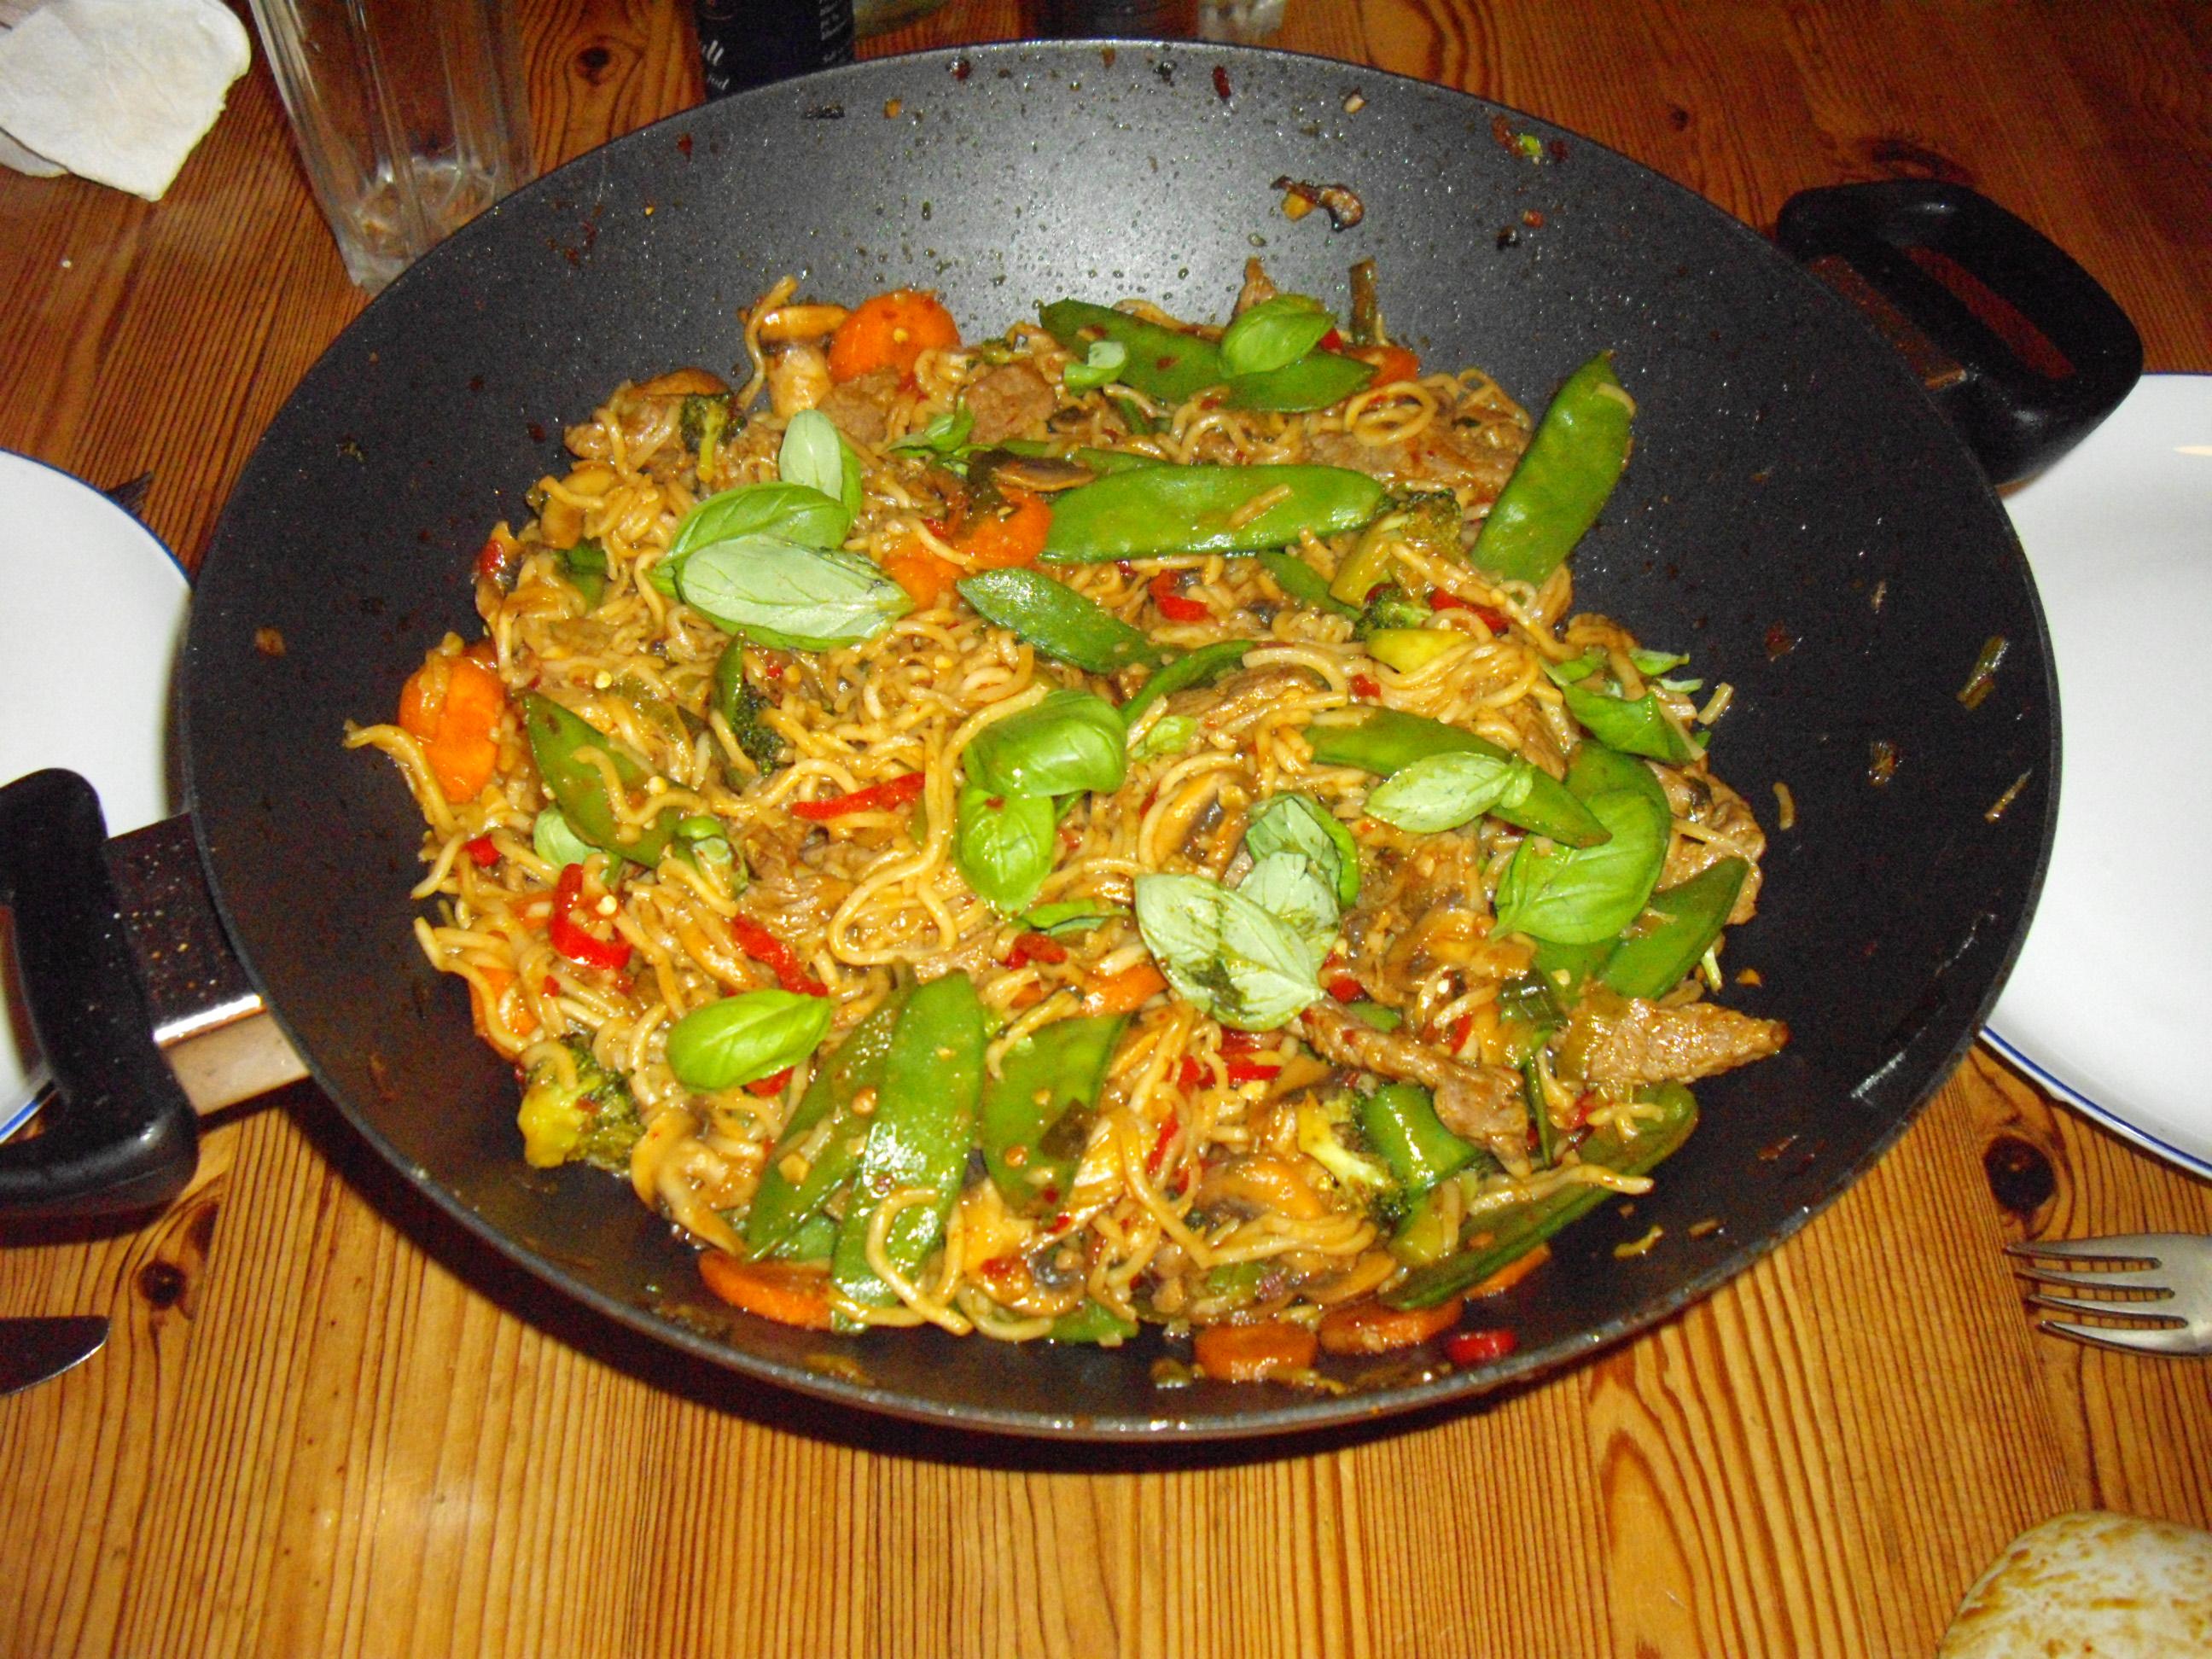 ovnretter med kartofler porre og oksekød